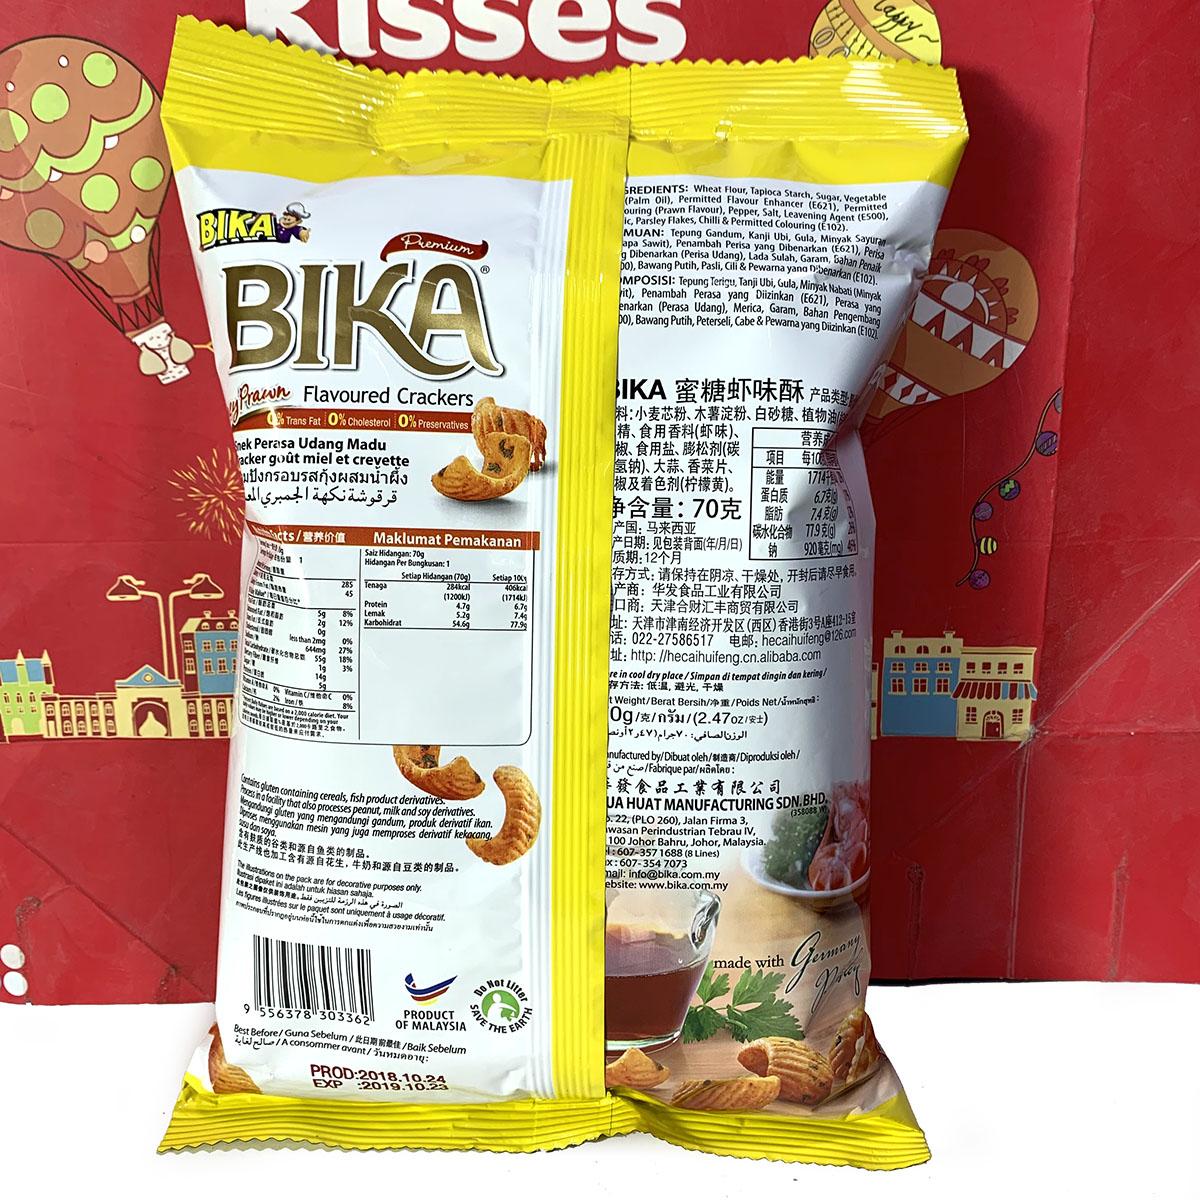 膨化食品 克 70 菜味香薯片 虾味酥 蜜糖蟹味酥 BIKA 马来西亚进口